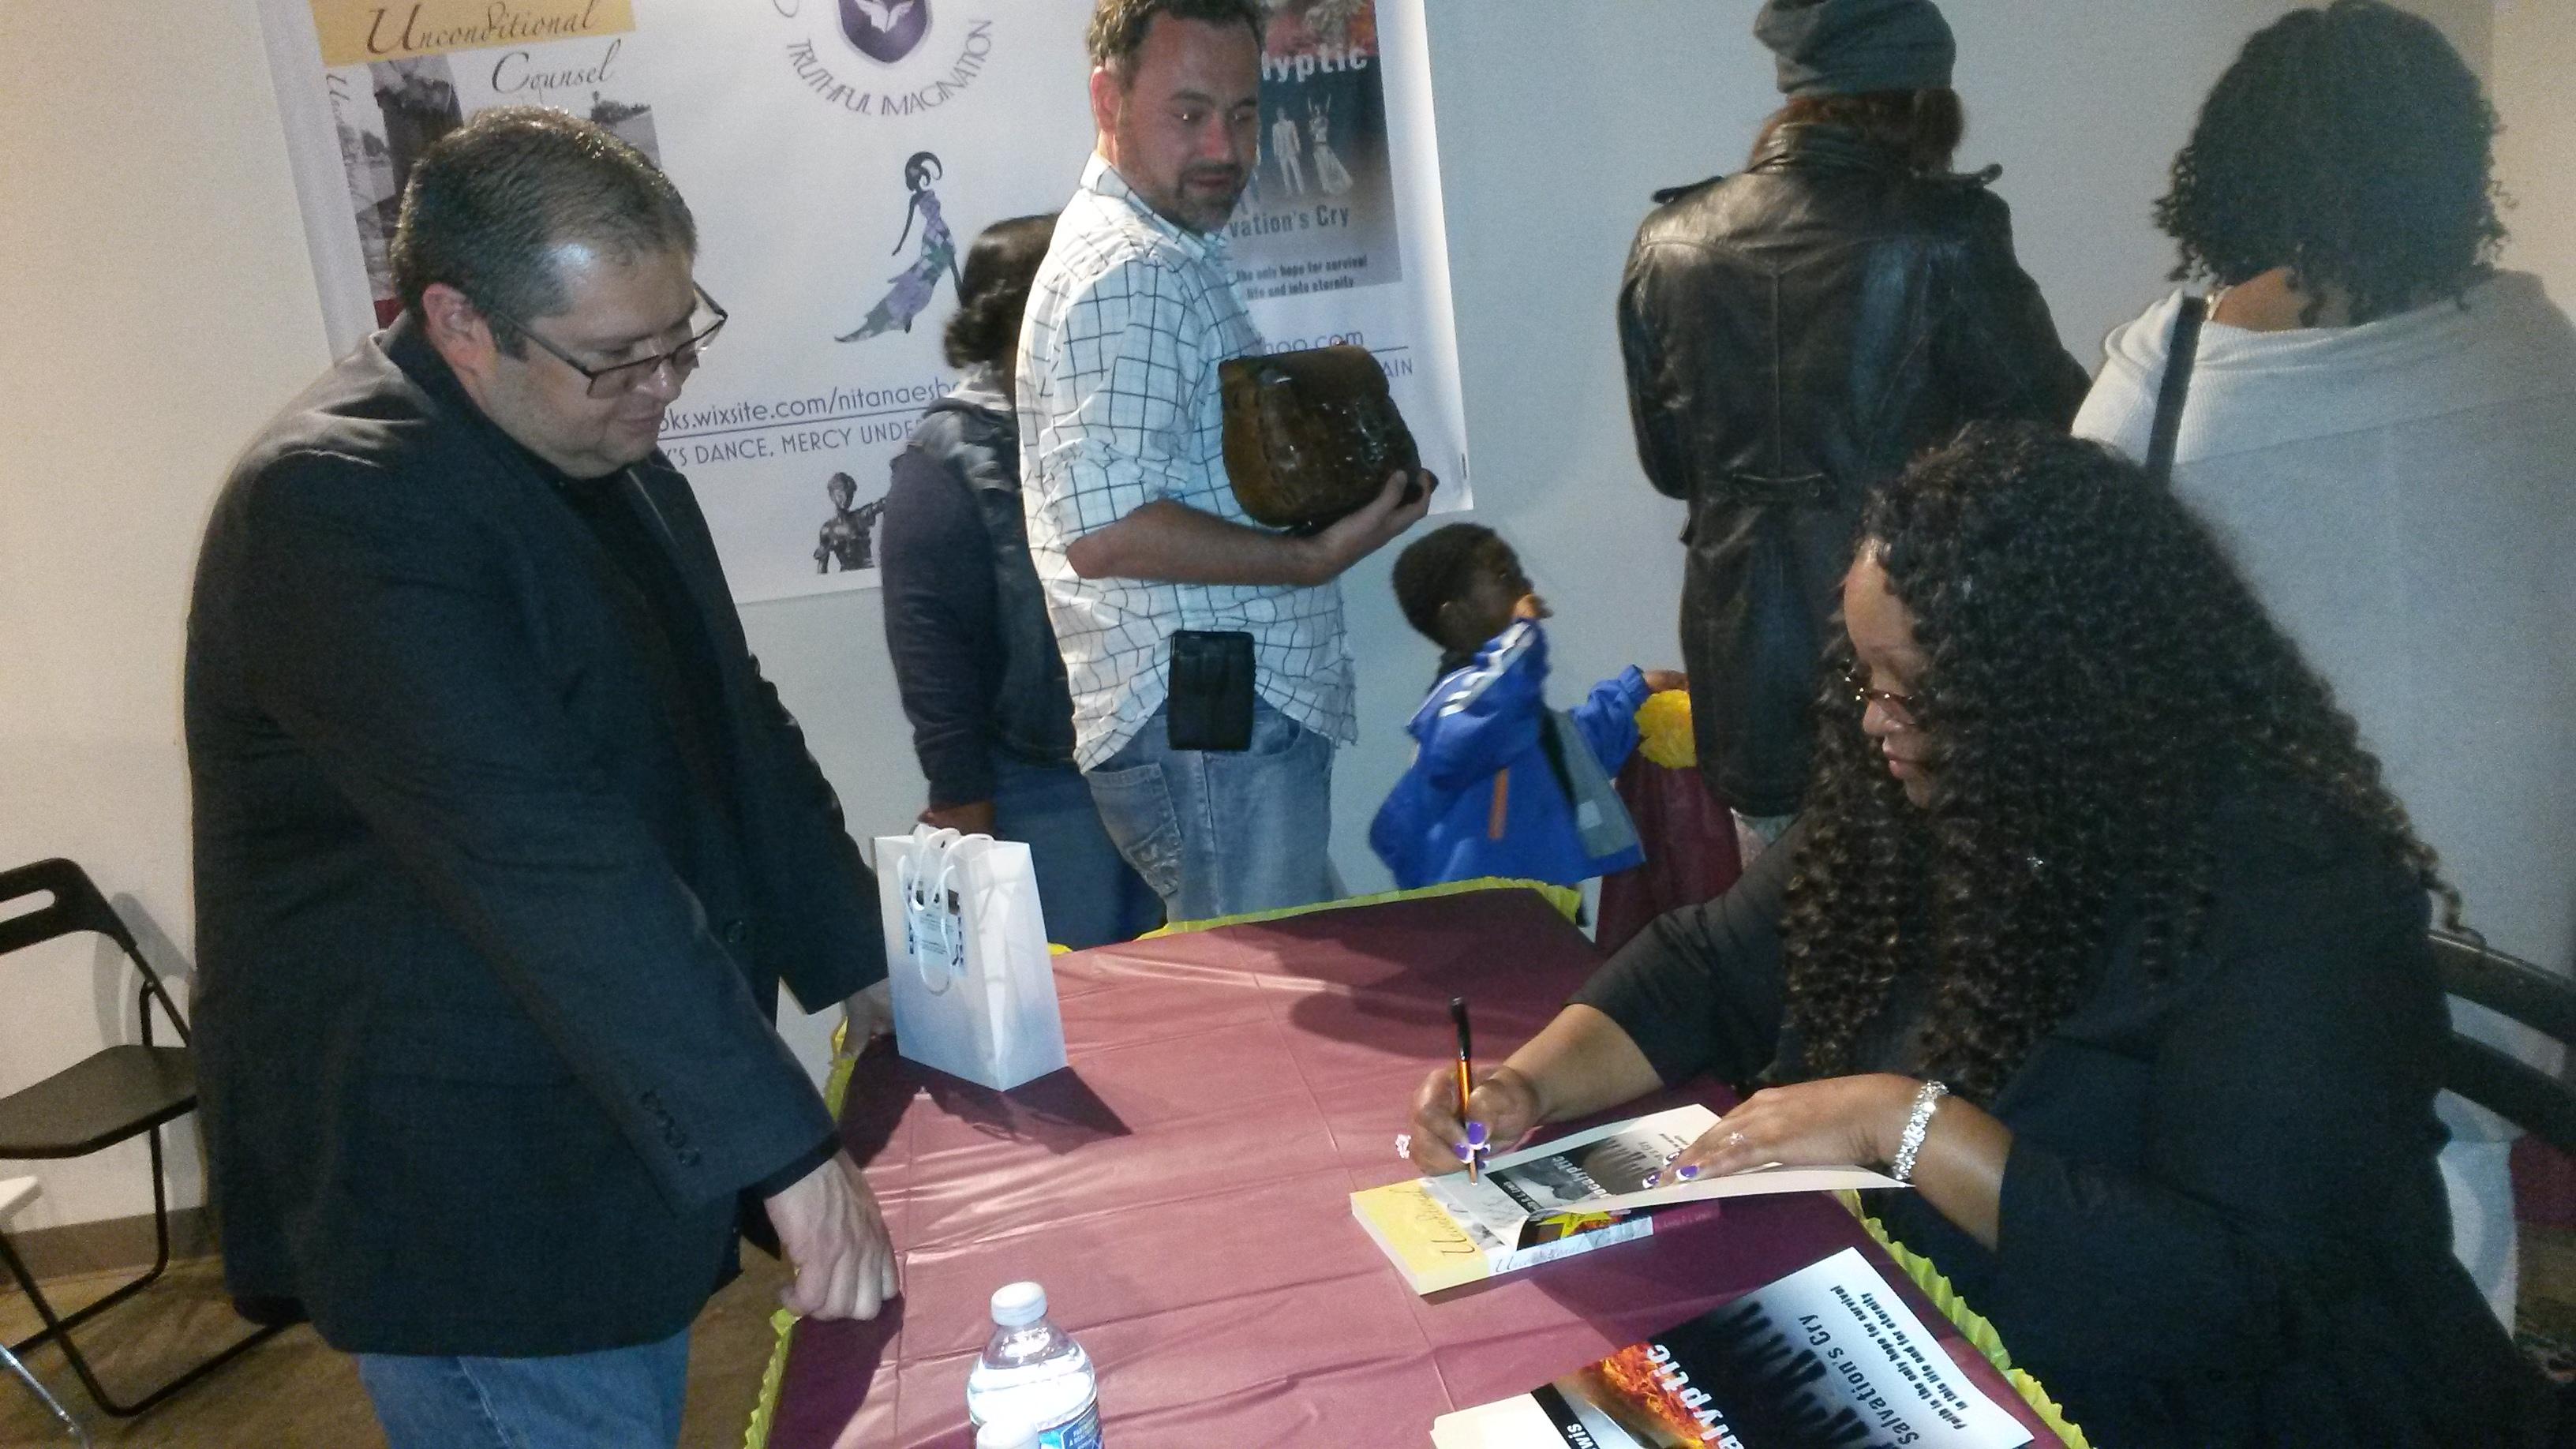 Nita Nae Signing Books-Jonathan M